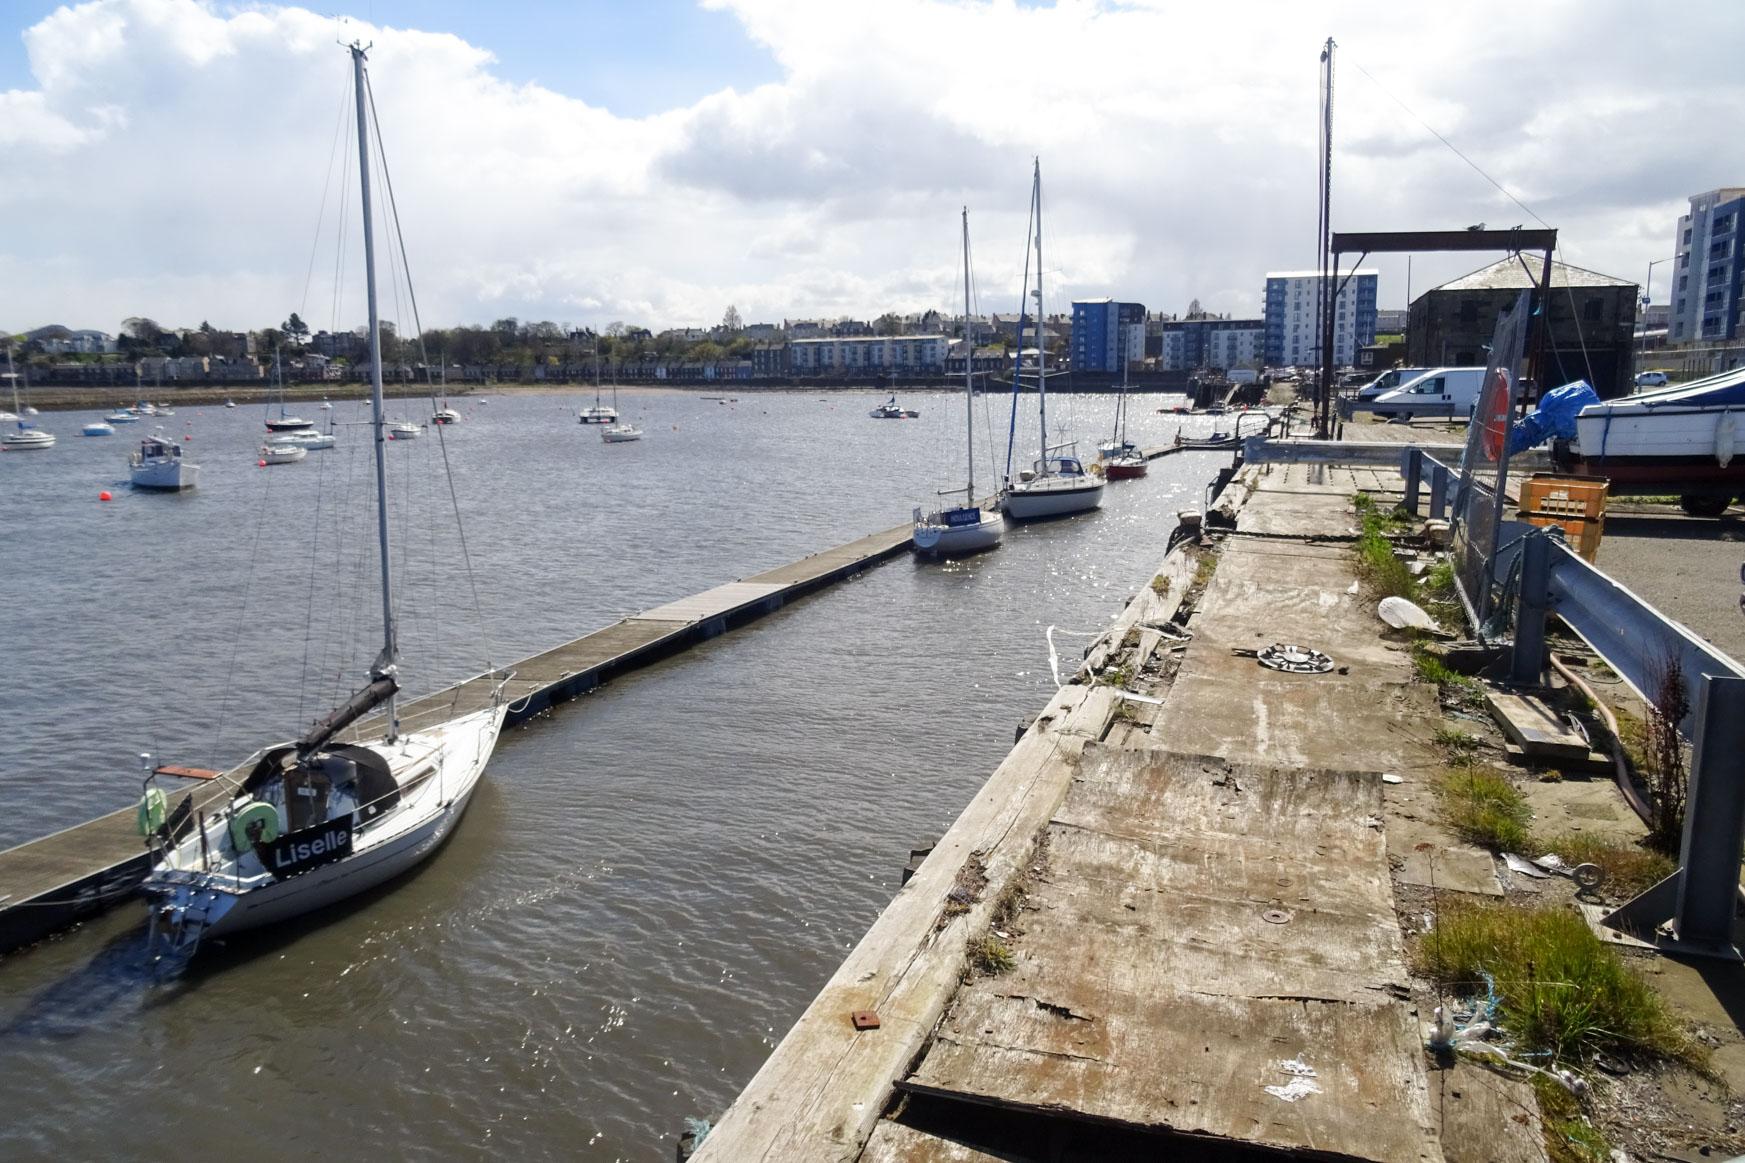 Granton Dock